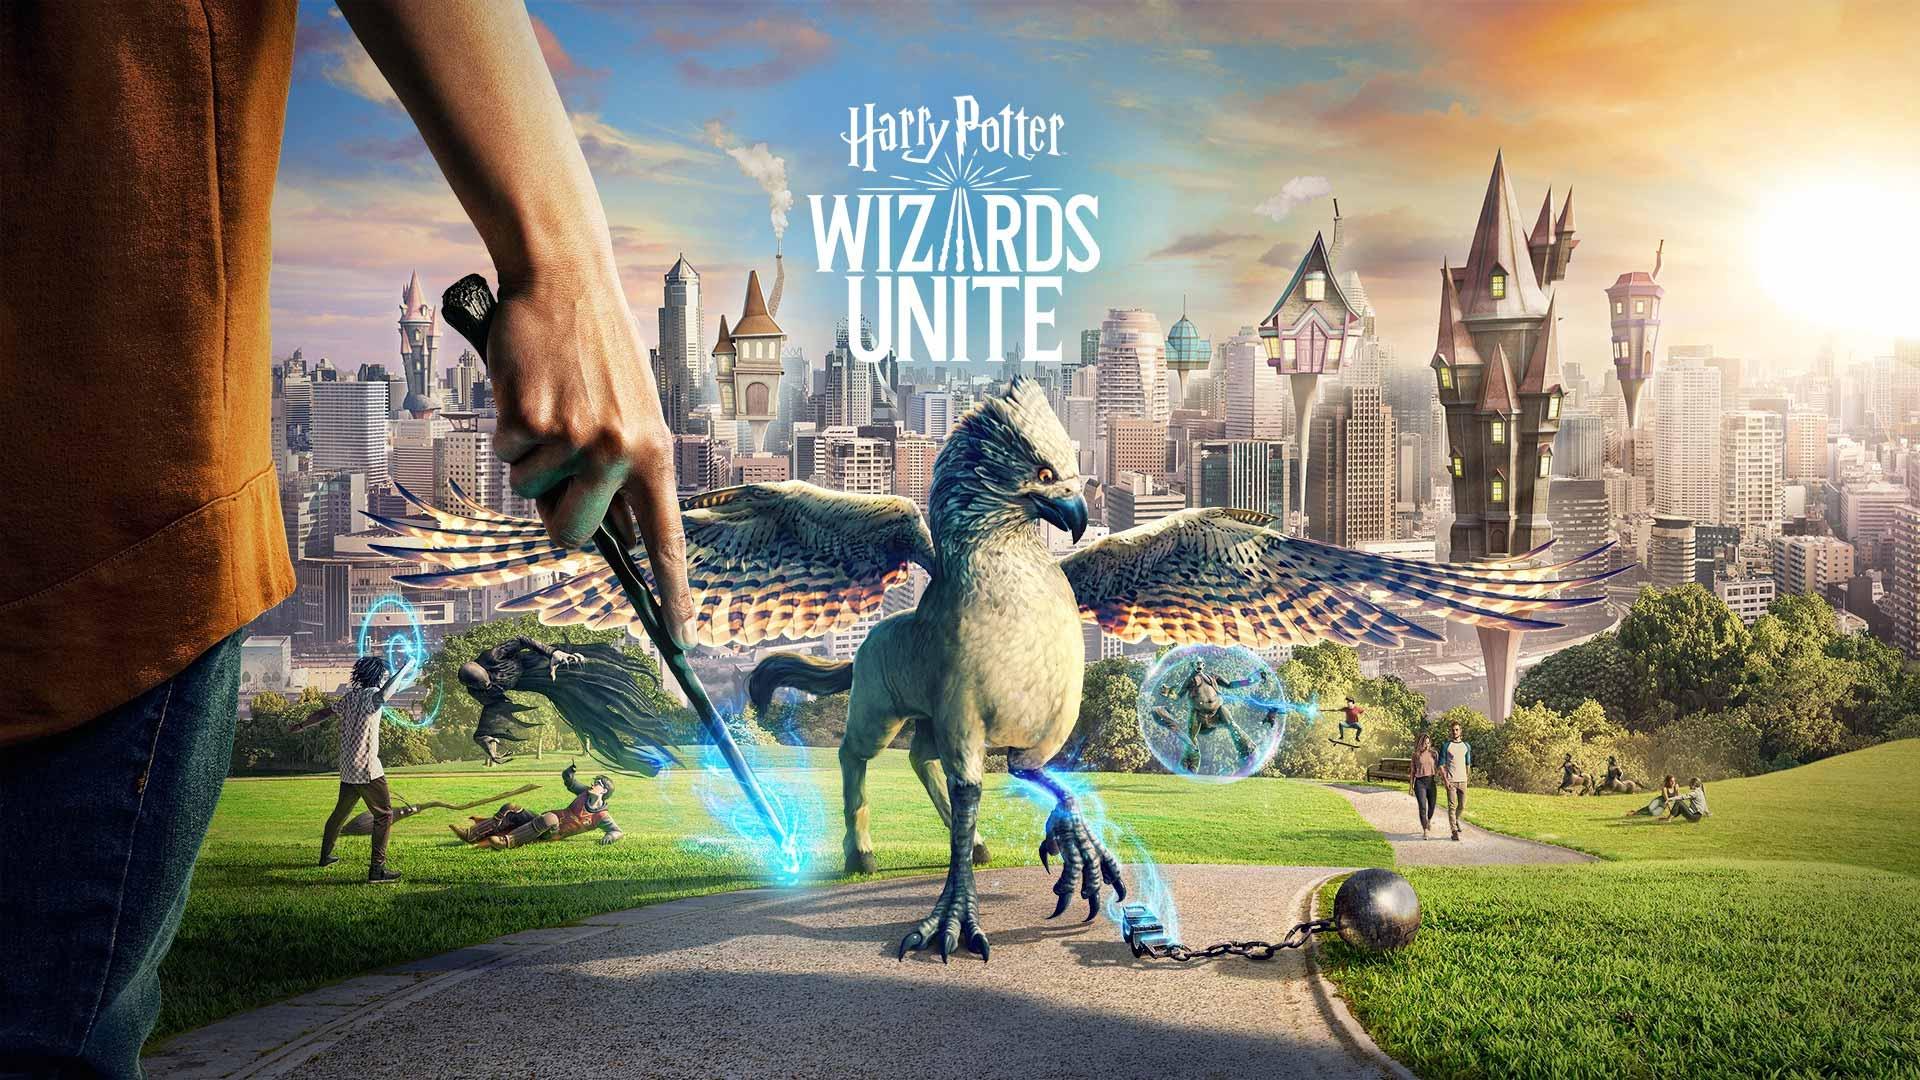 Harry Potter: Wizard Unite เวทมนต์บทแรกแห่งโลกมักเกิ้ล